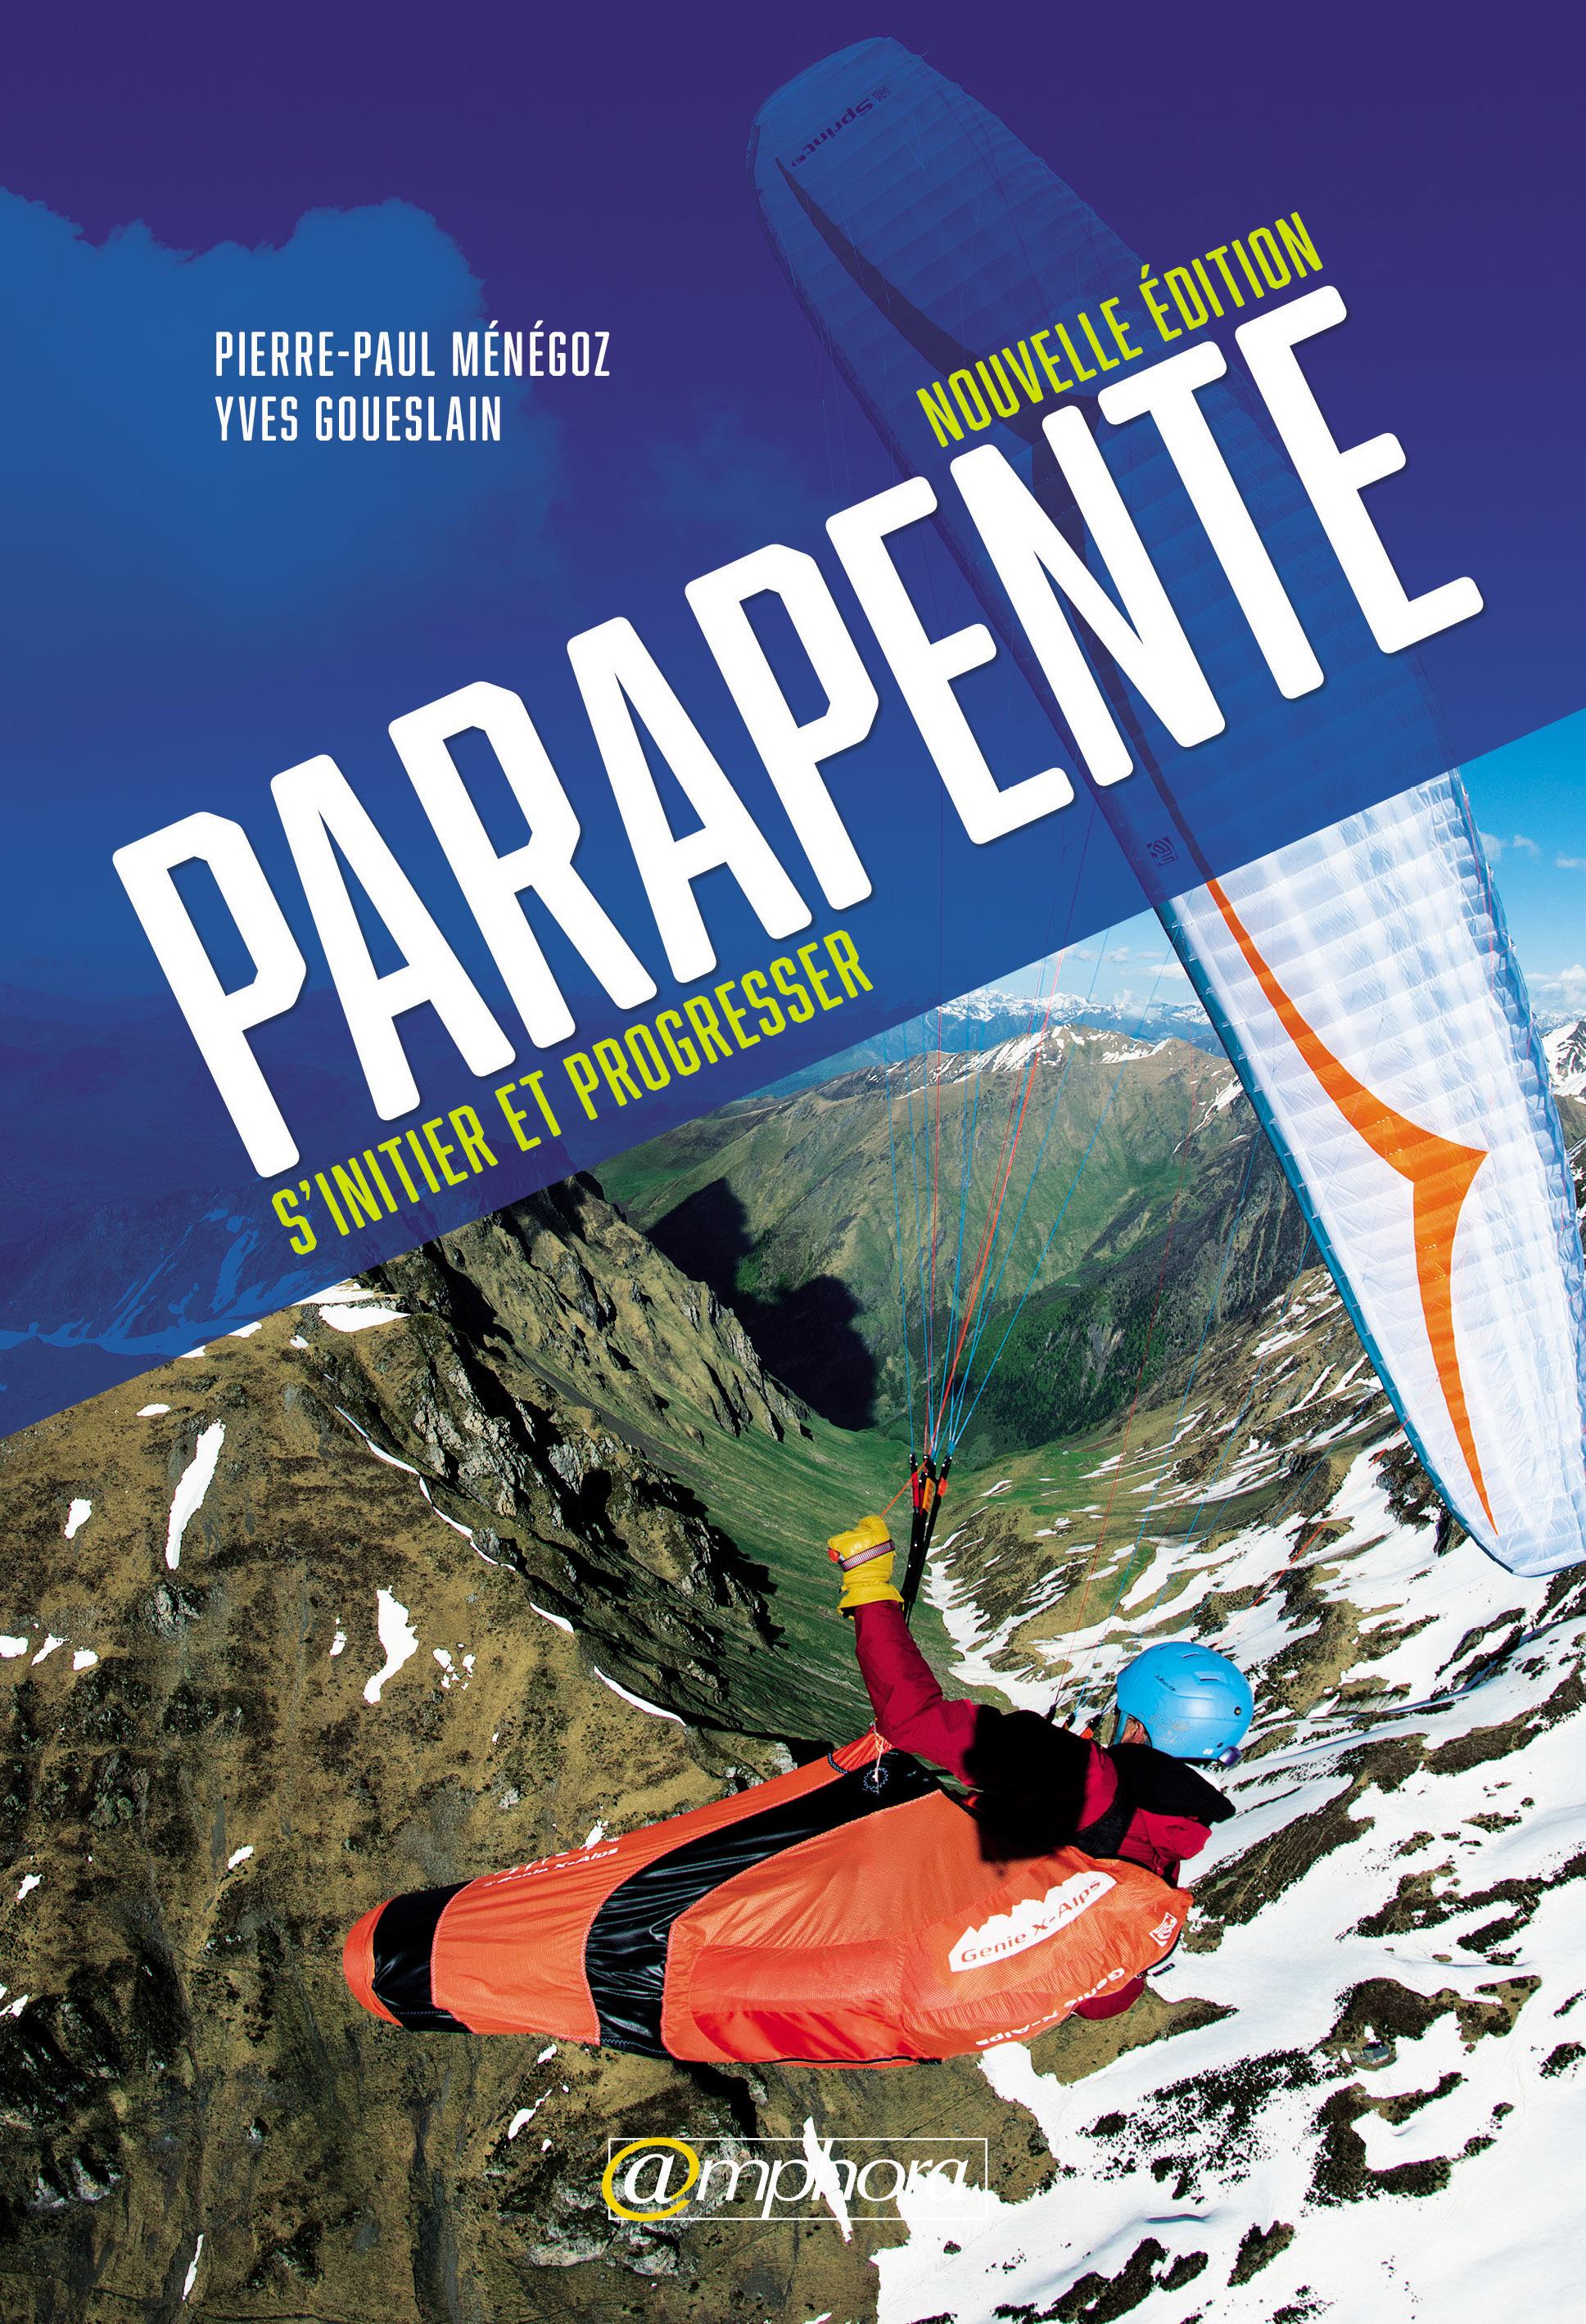 Parapente ; s'initier et progresser (3e édition)